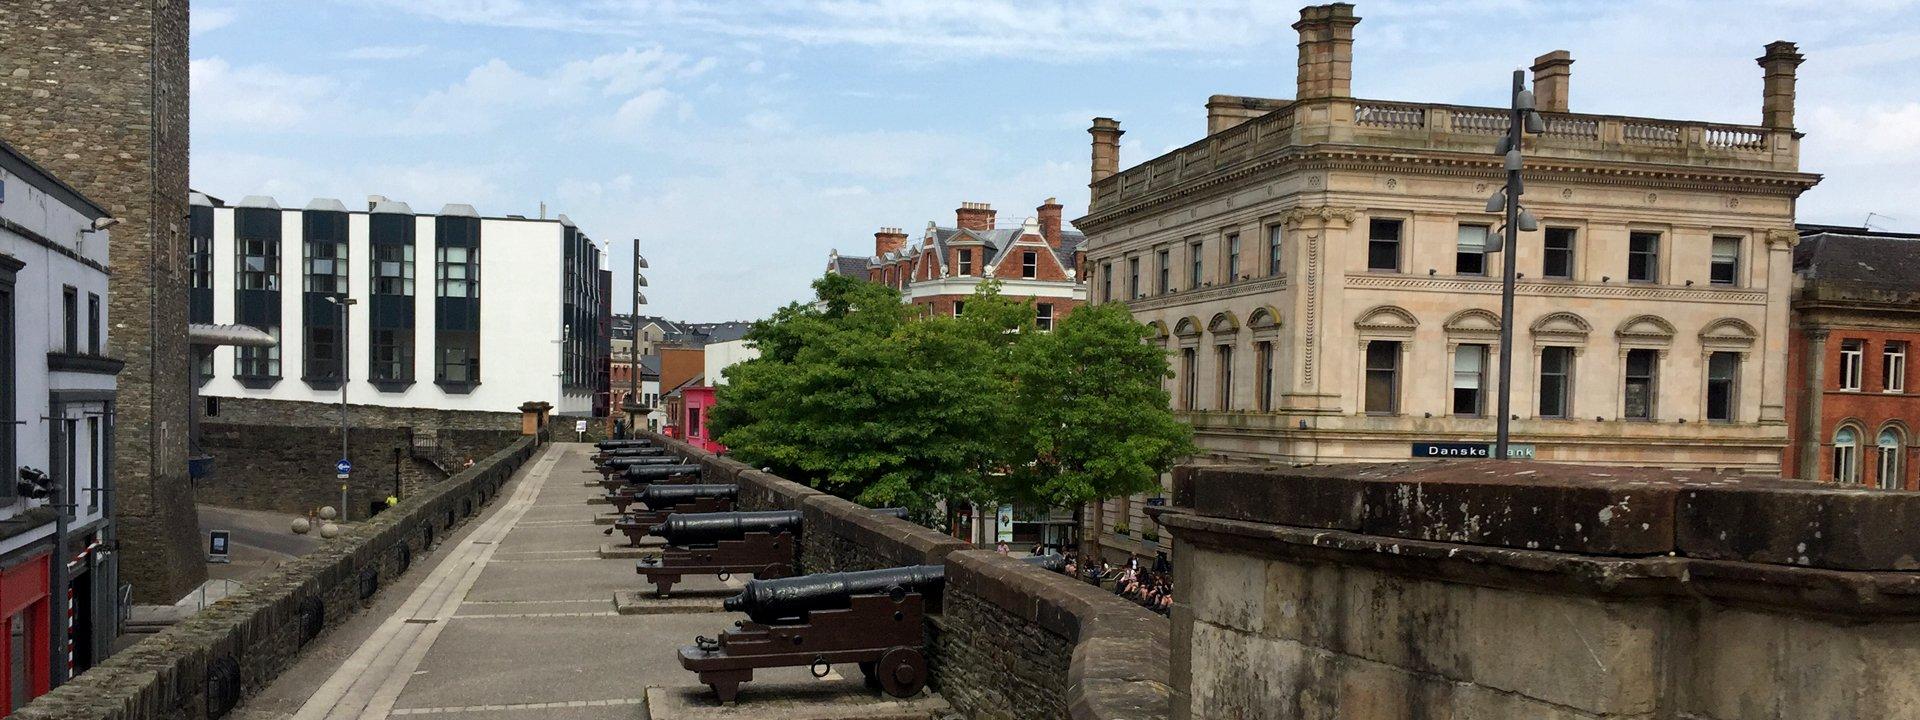 Derry Walls Tour